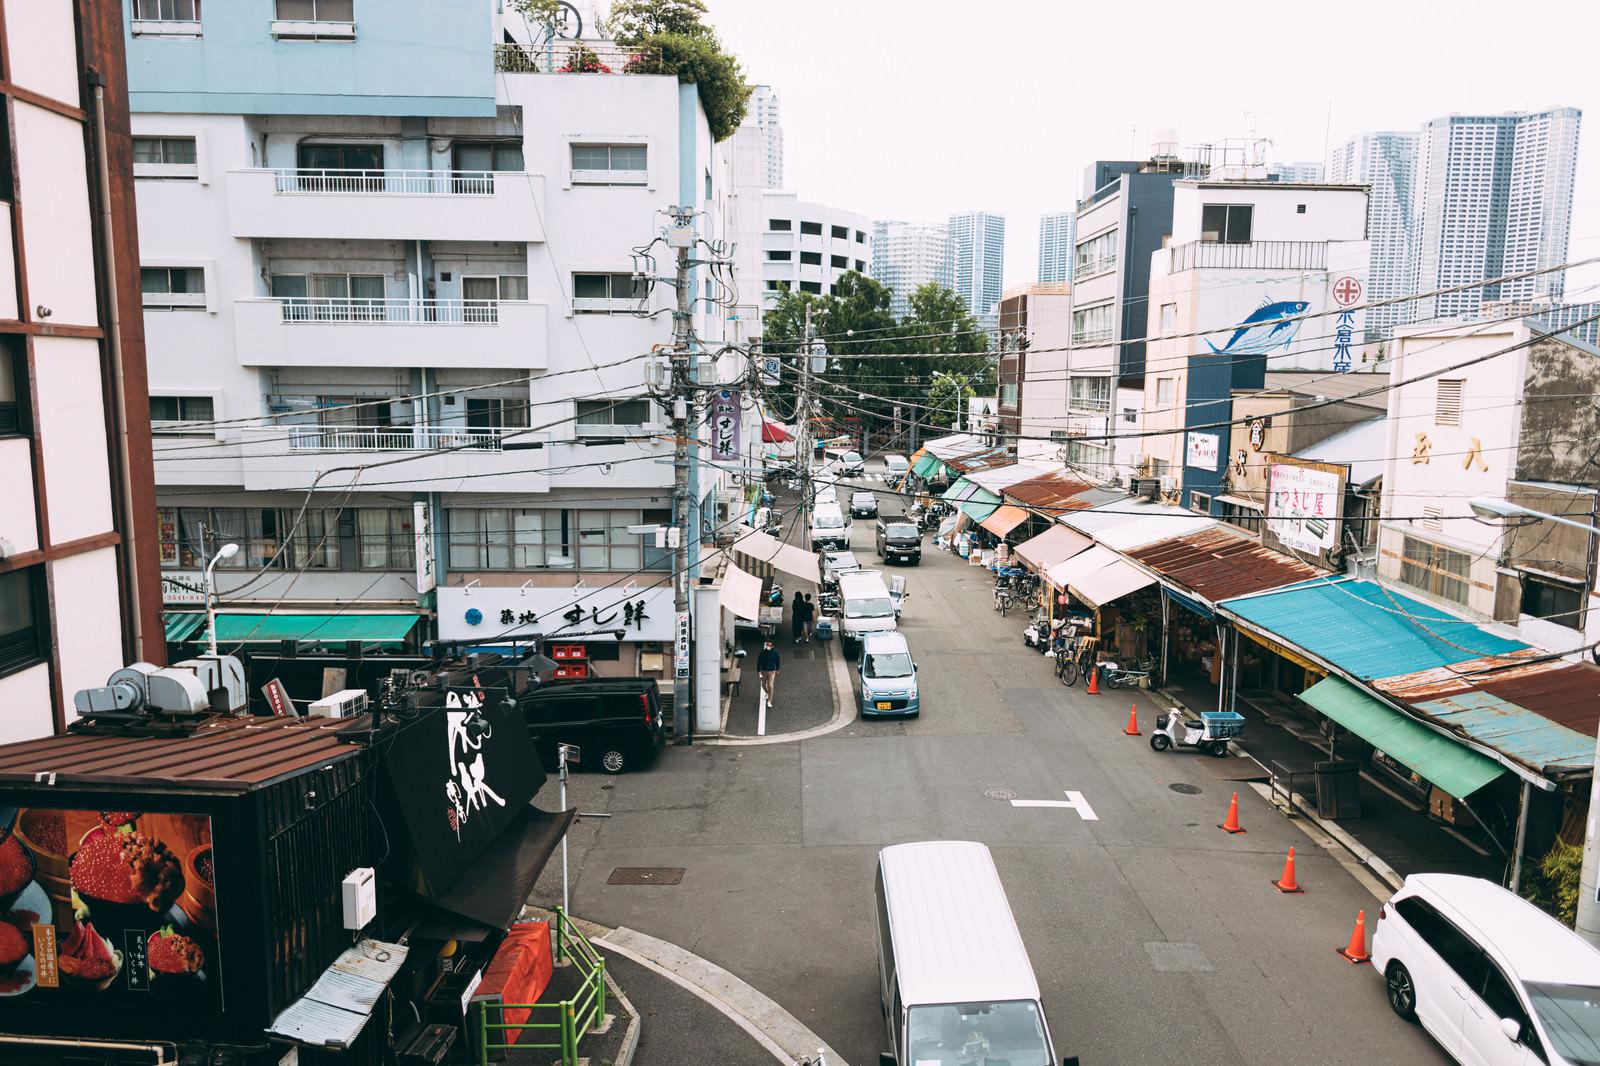 「築地魚河岸広場から波除通りの様子」の写真